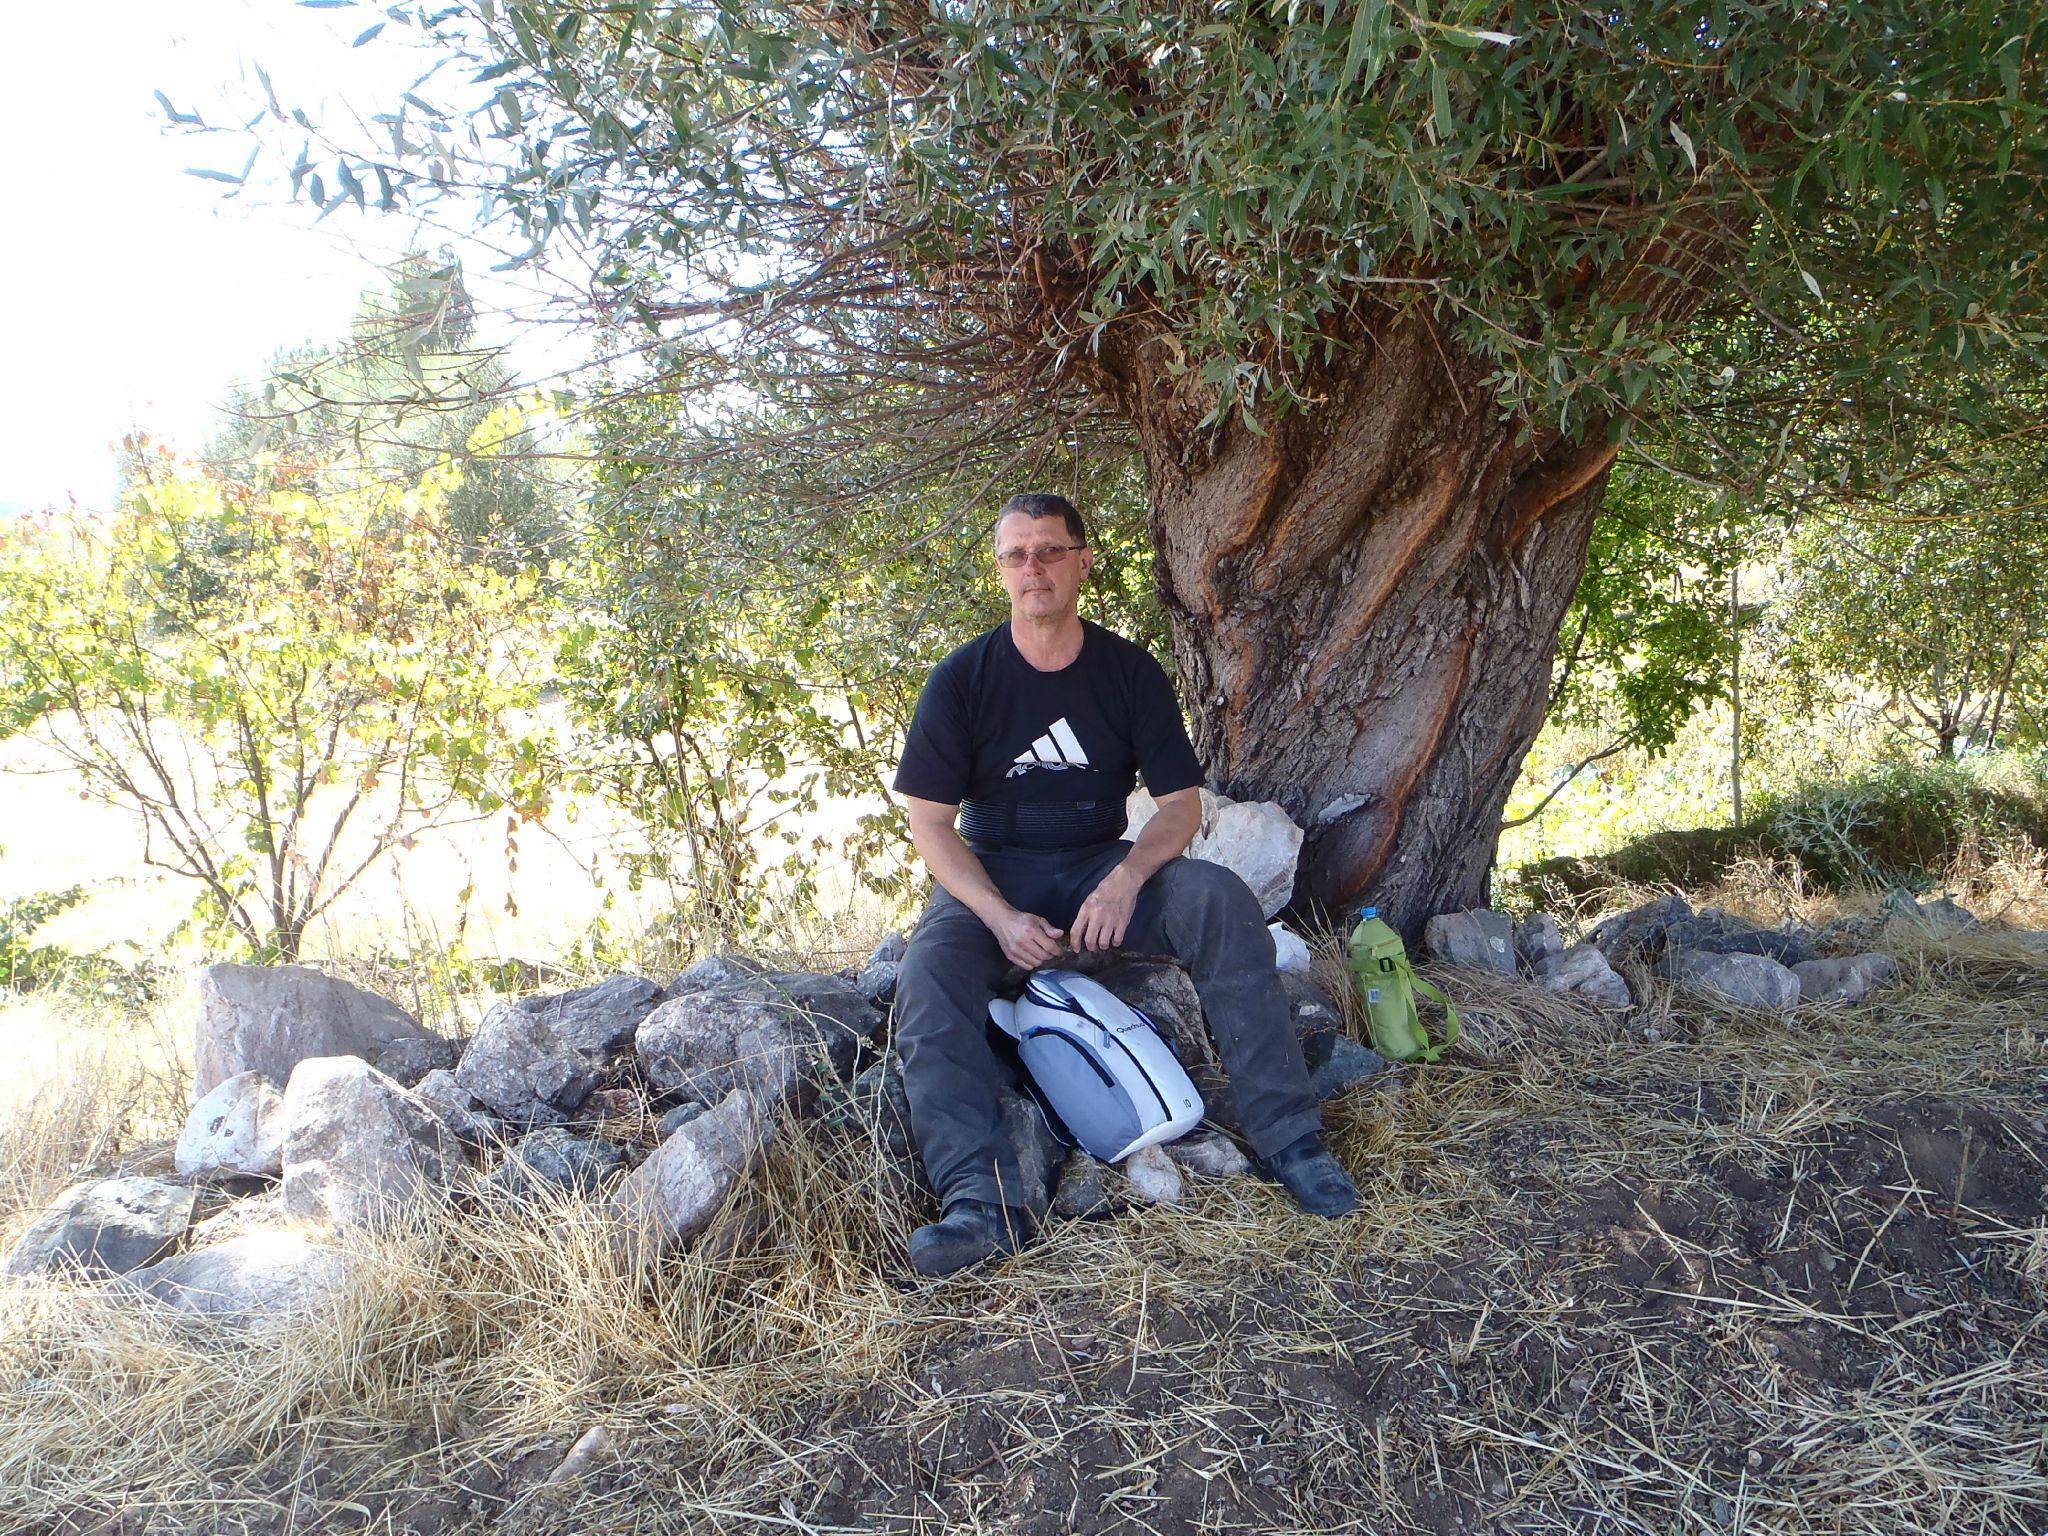 turquie pause picnic à l'ombre d'un saule